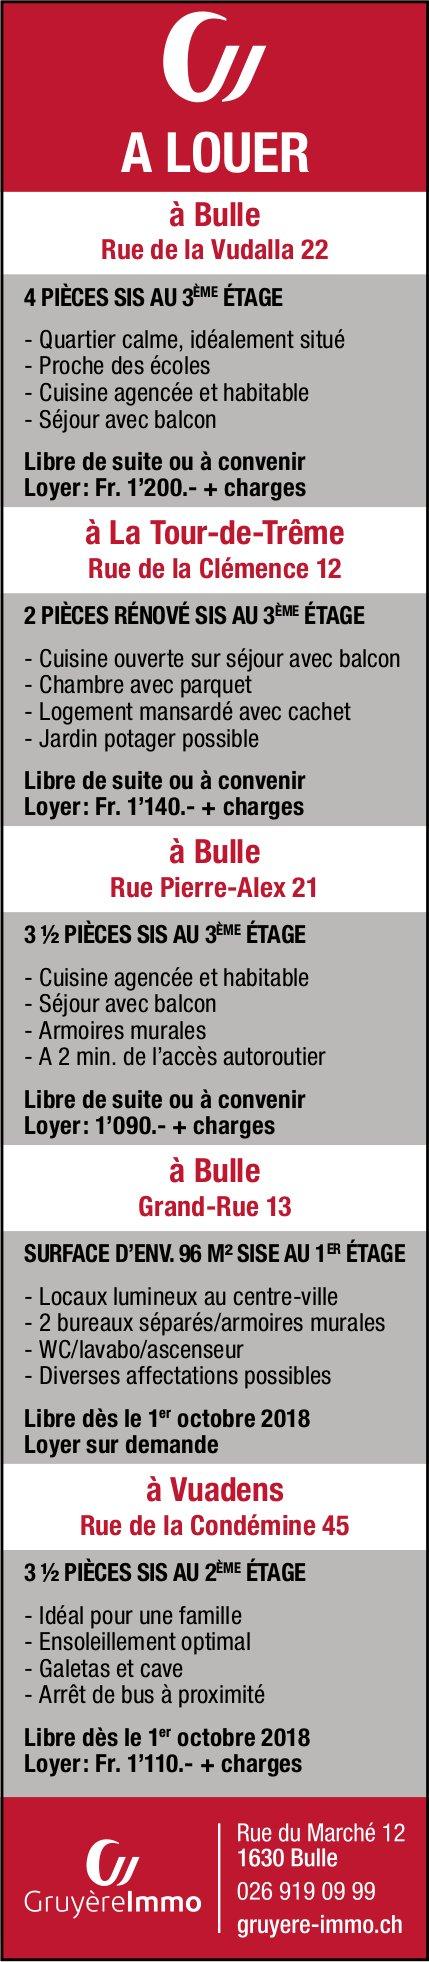 Appartement, 2 à 4.5 pièces, Bulle- La Tour-de-Trême - Vuadens, à louer